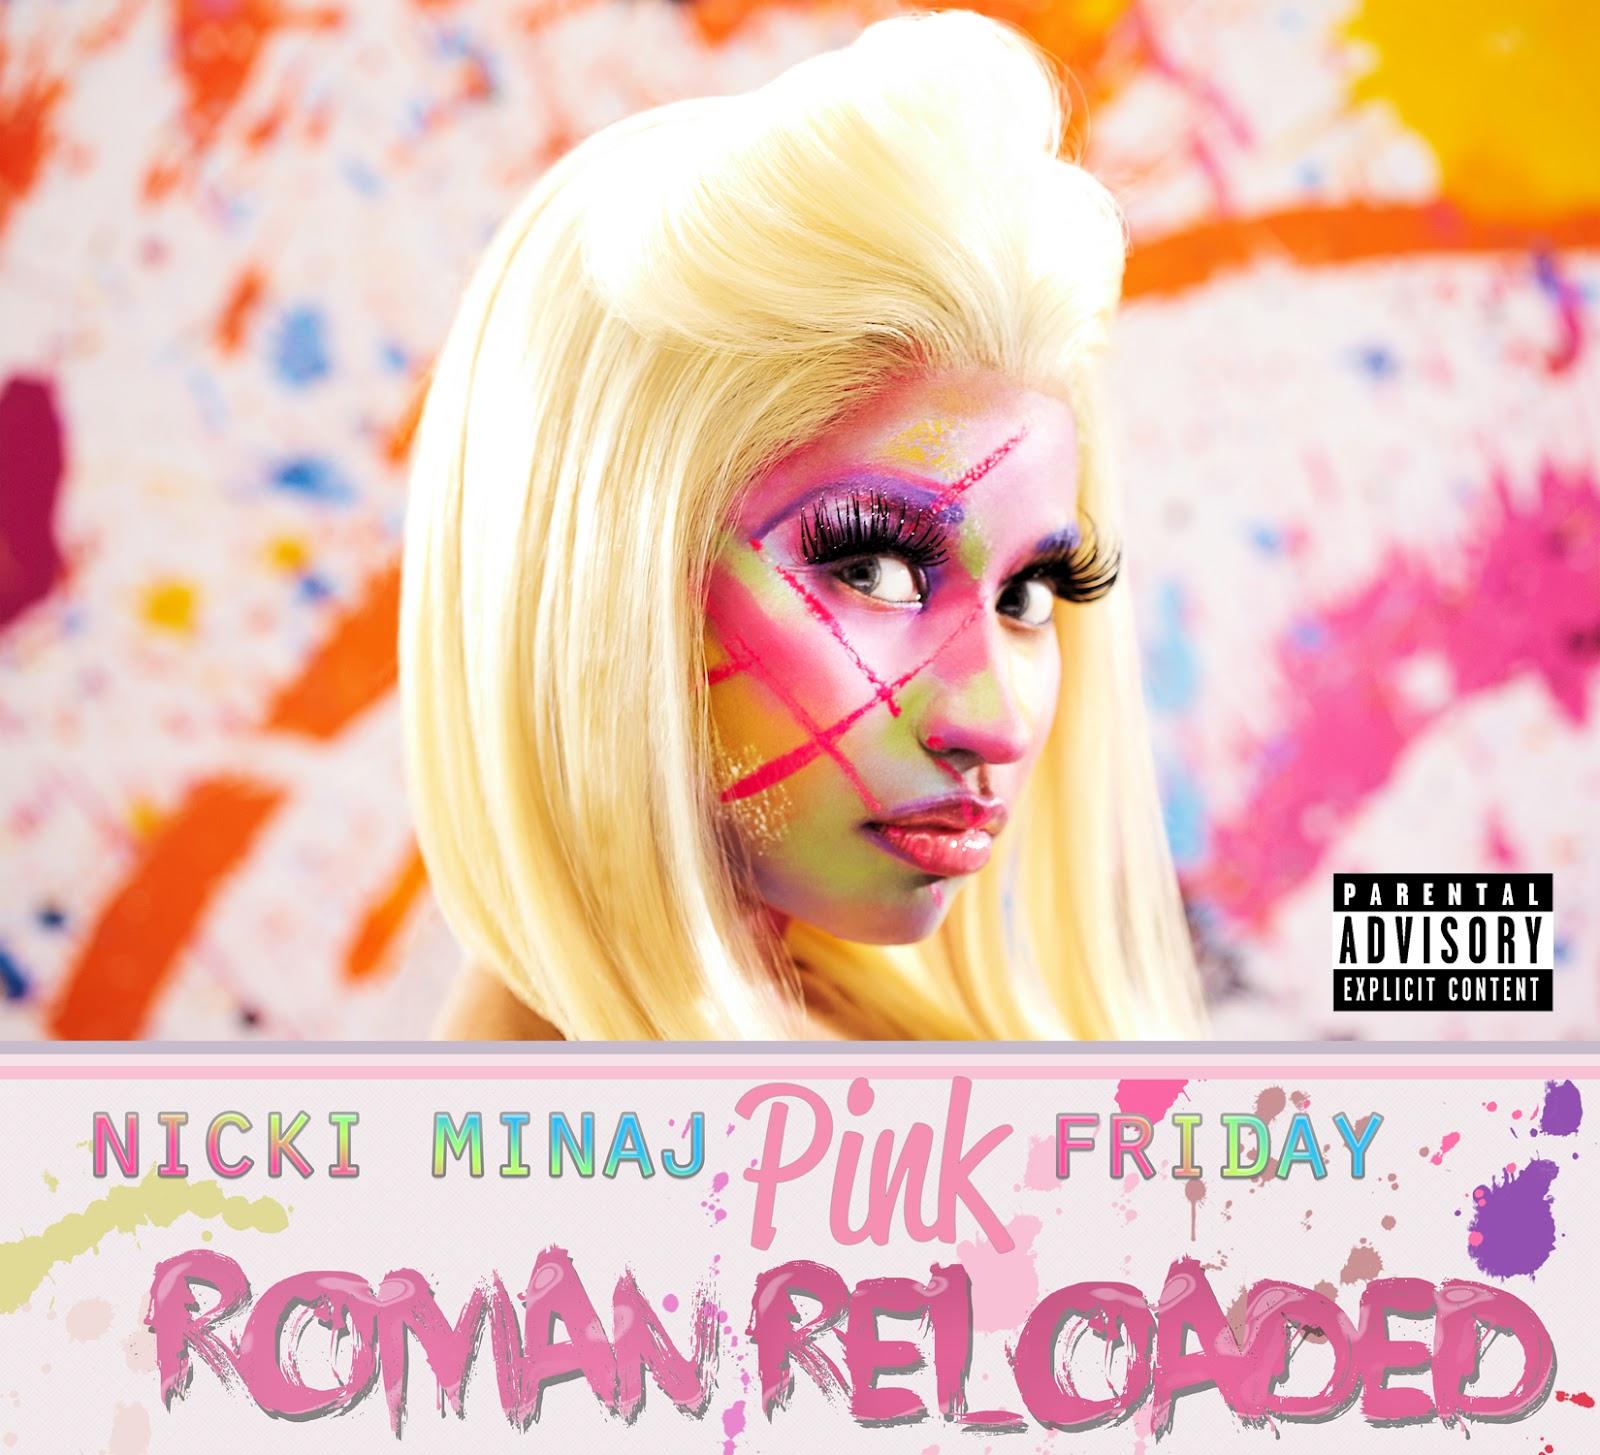 http://1.bp.blogspot.com/-0XvrwwOPOb0/T5IQSAqIzrI/AAAAAAAAABw/HG4--rfn8wQ/s1600/Nicki_Minaj_Pink_Friday_Roman_Reloaded_2_EX_1_.jpeg